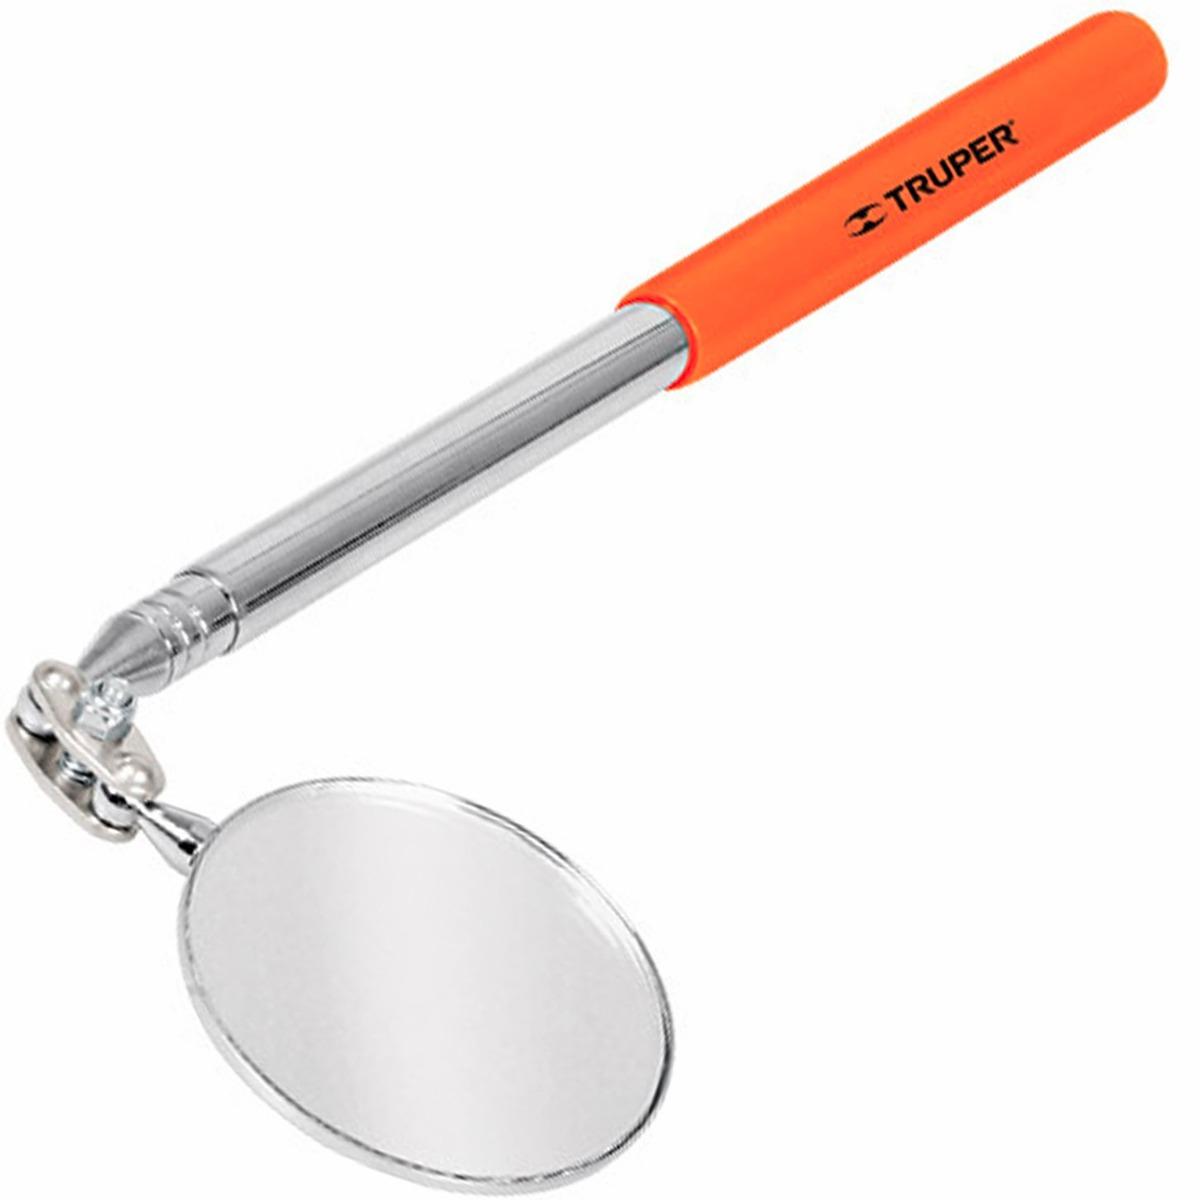 Espejo telescopico con cabeza articulada truper 14544 for Espejo laringeo 00